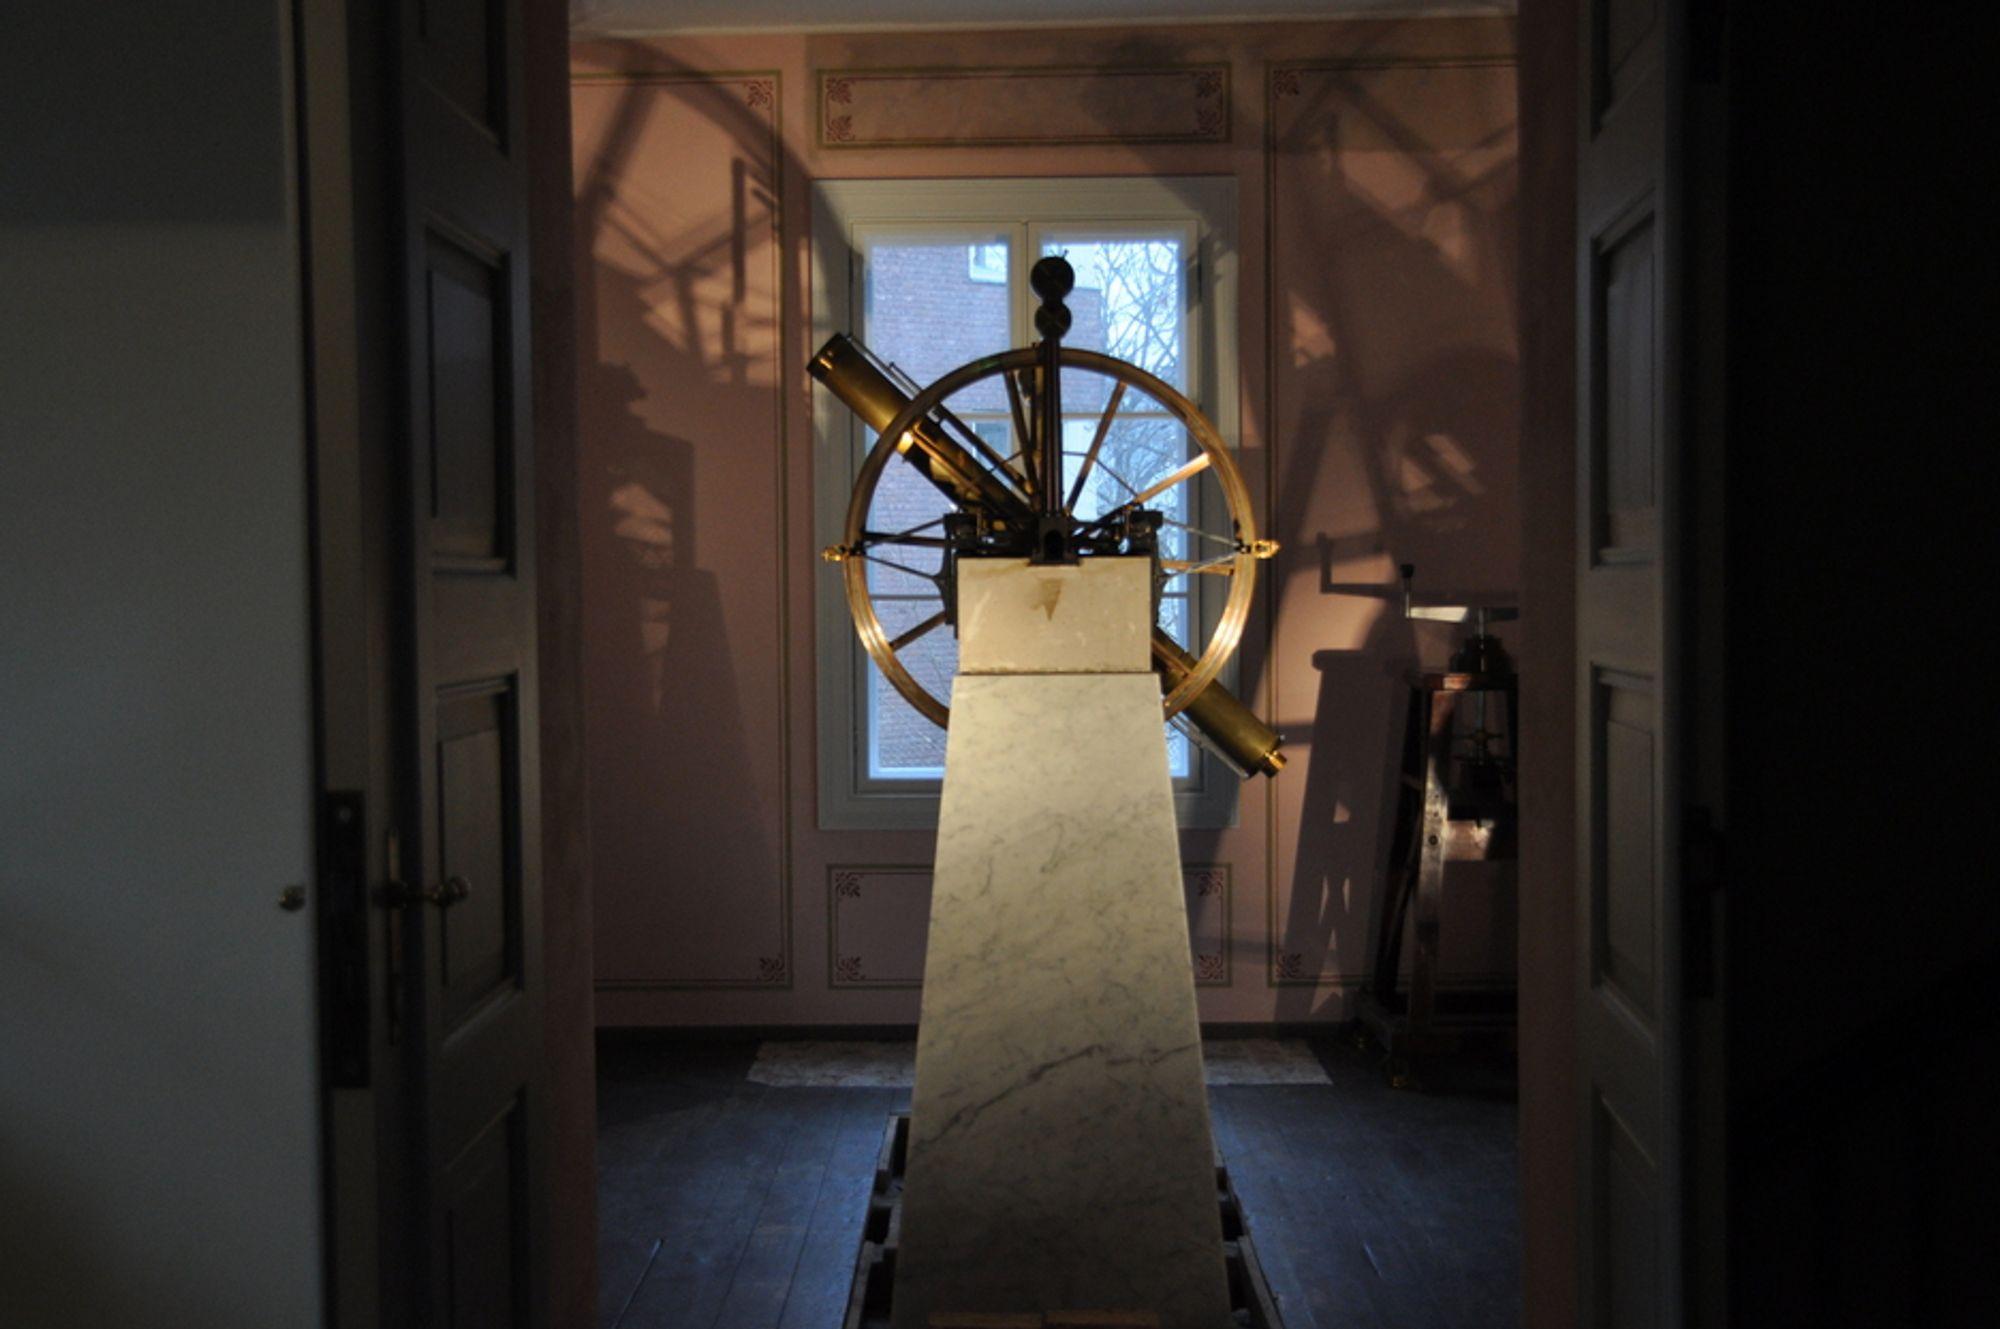 MERIDIANROMMET: Her står instrumentet som kalles for meridiansirkelen, og som ble brukt av Christopher Hansteen. Det skjulte, gjenmurte rommet var i rommets hvelving.